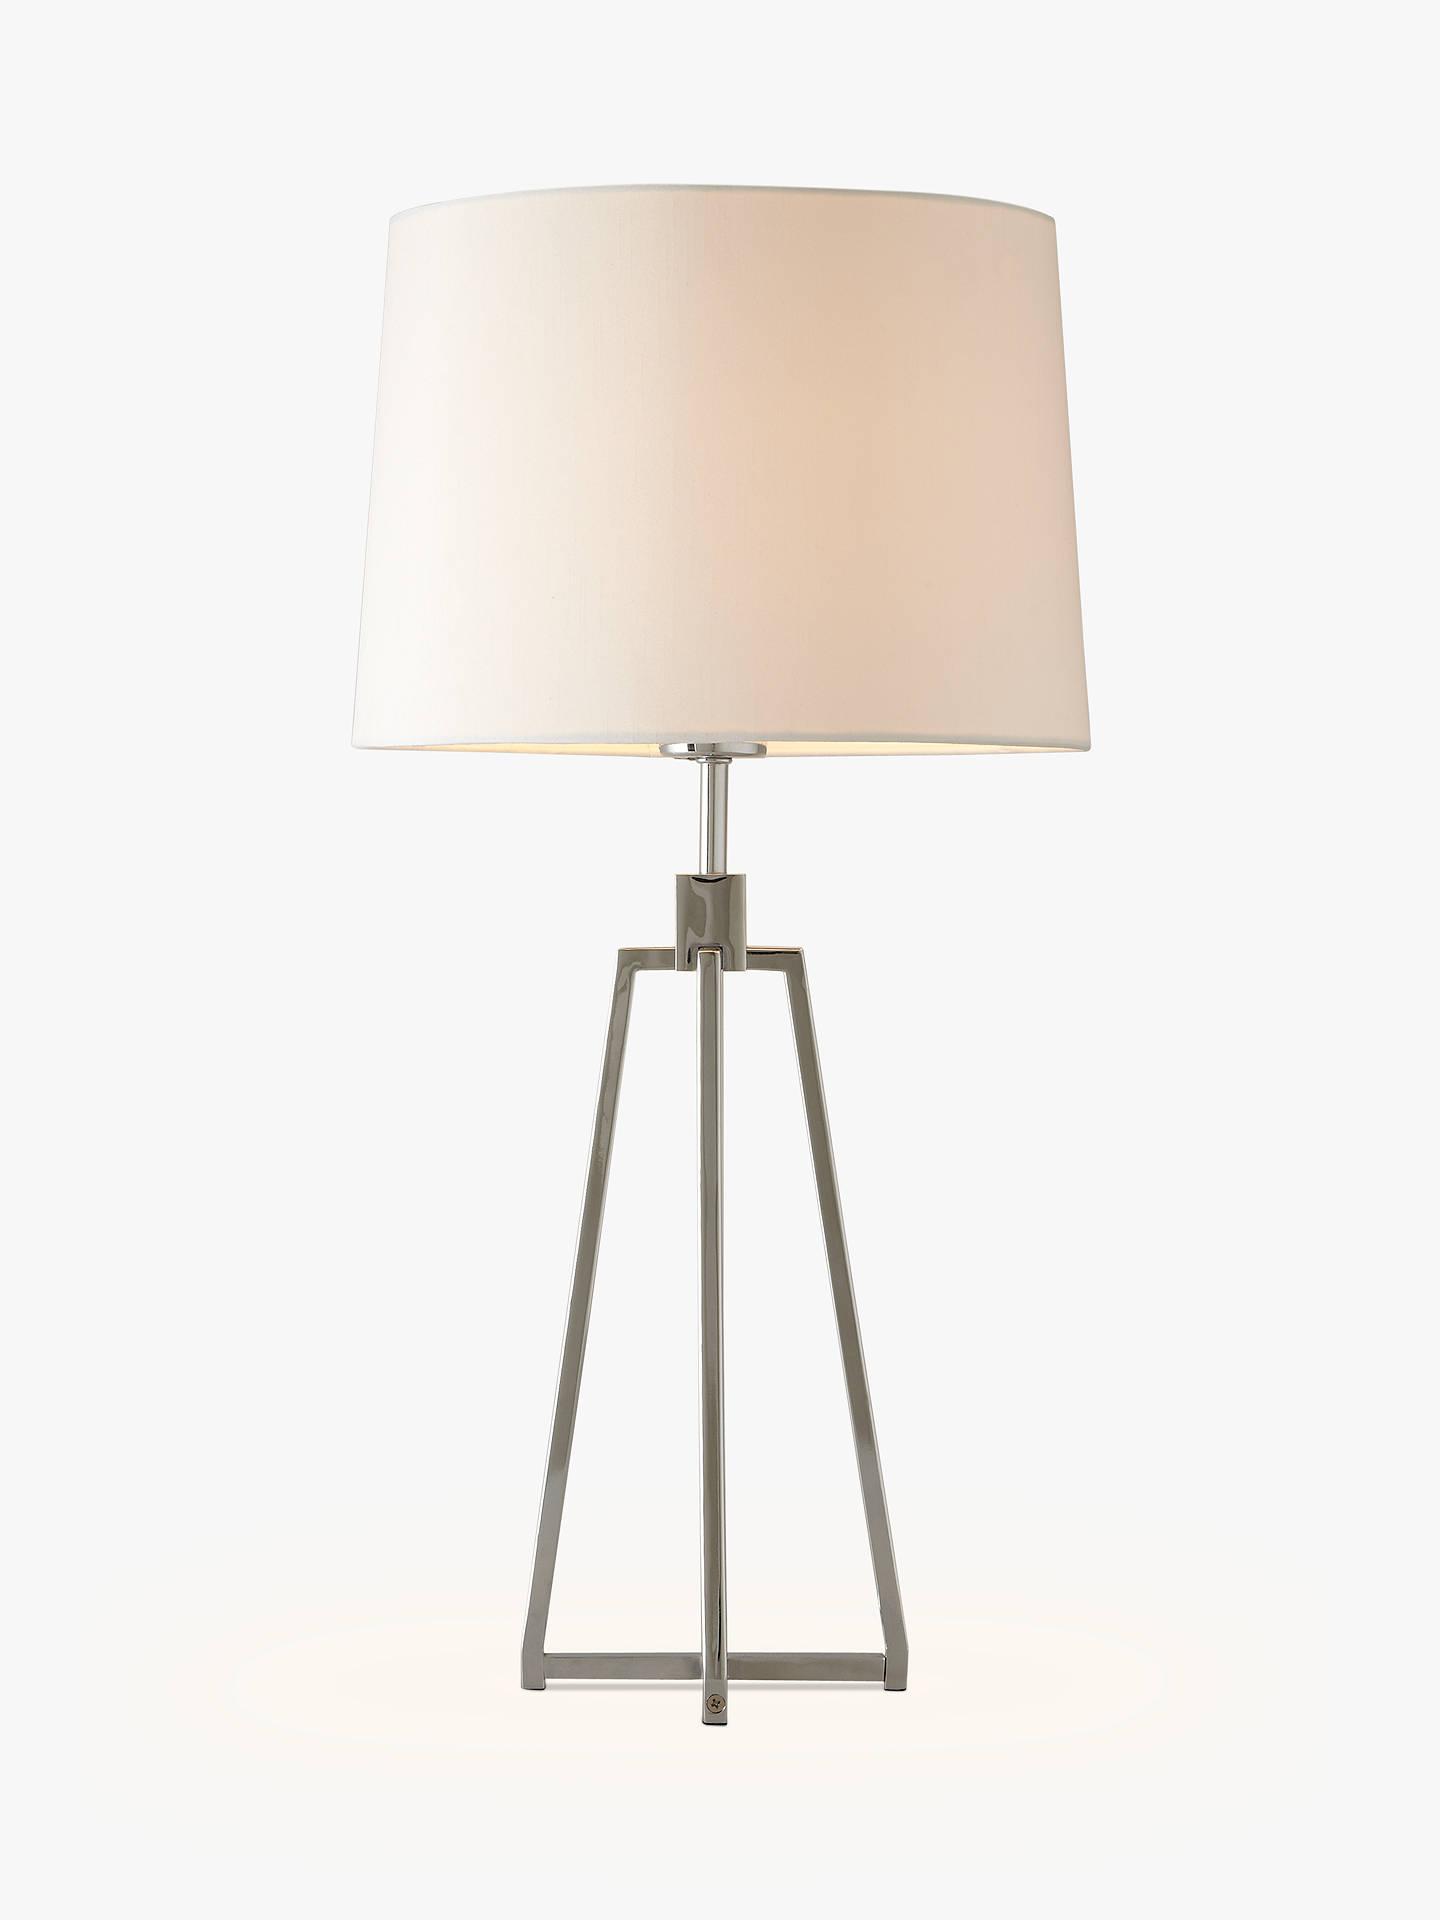 John Lewis & Partners Lockhart Tripod Table Lamp, Chrome